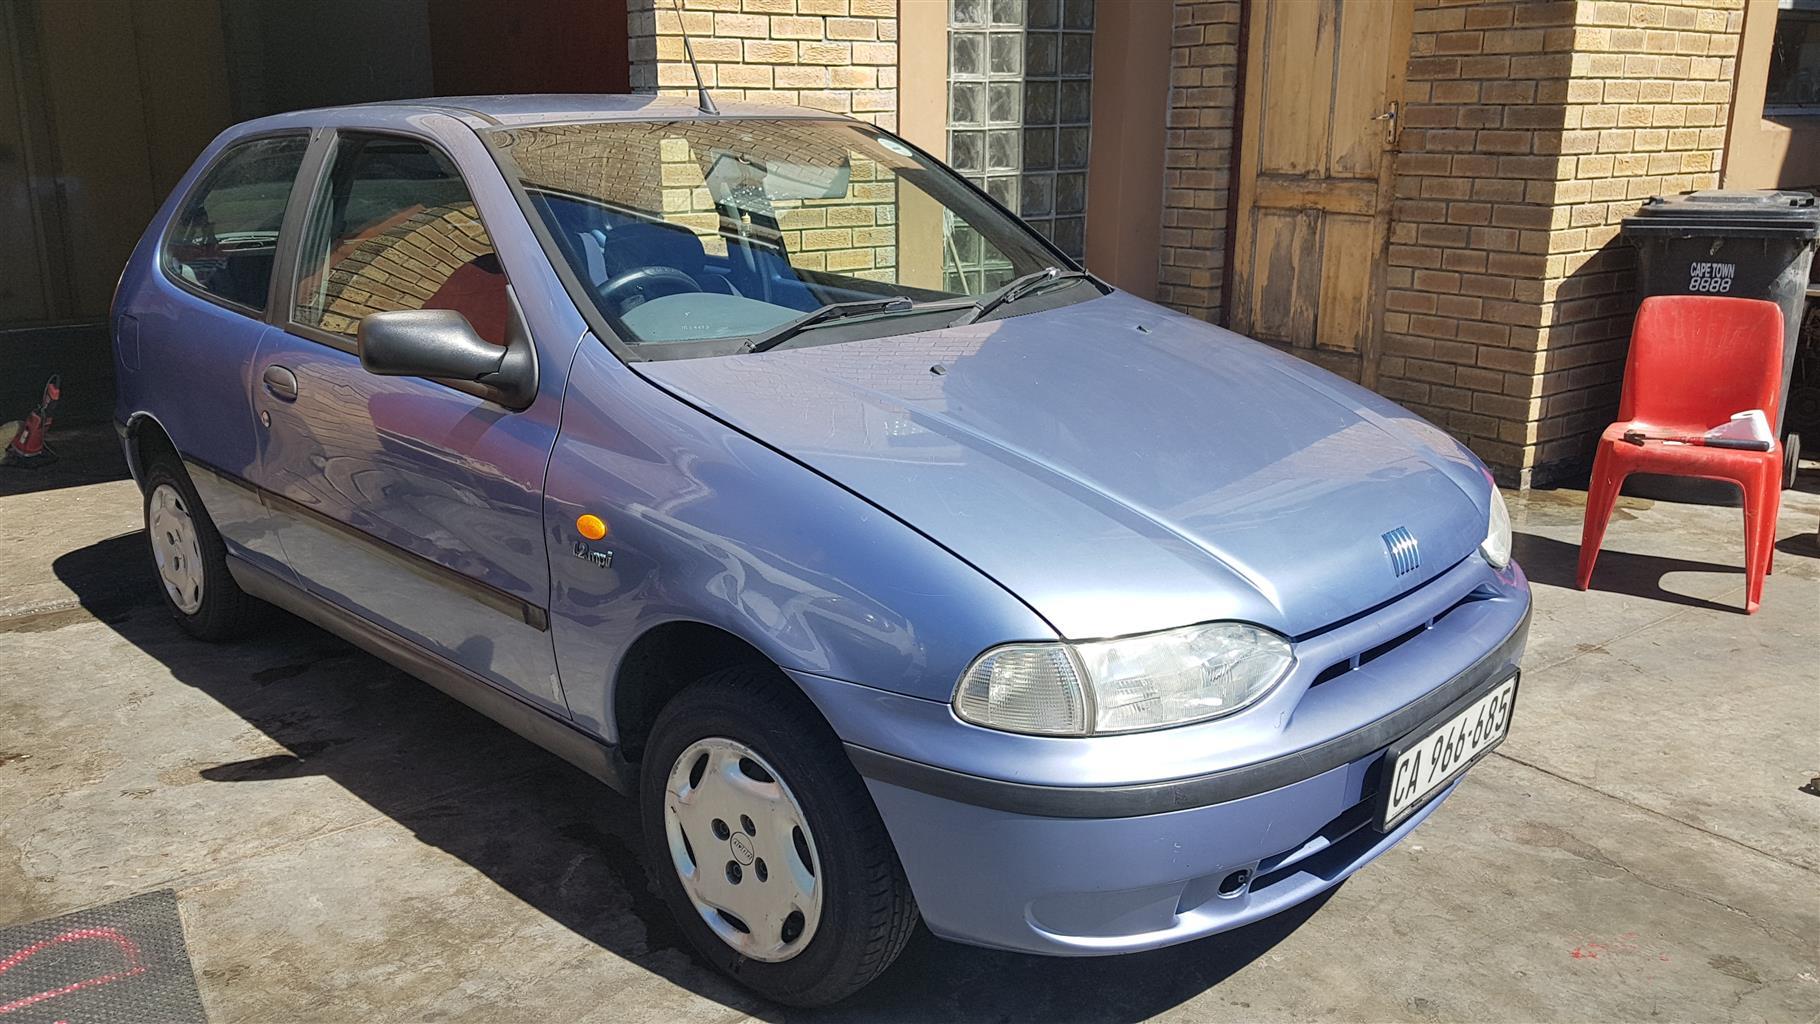 2001 Fiat Palio 1.2 EL 3 door